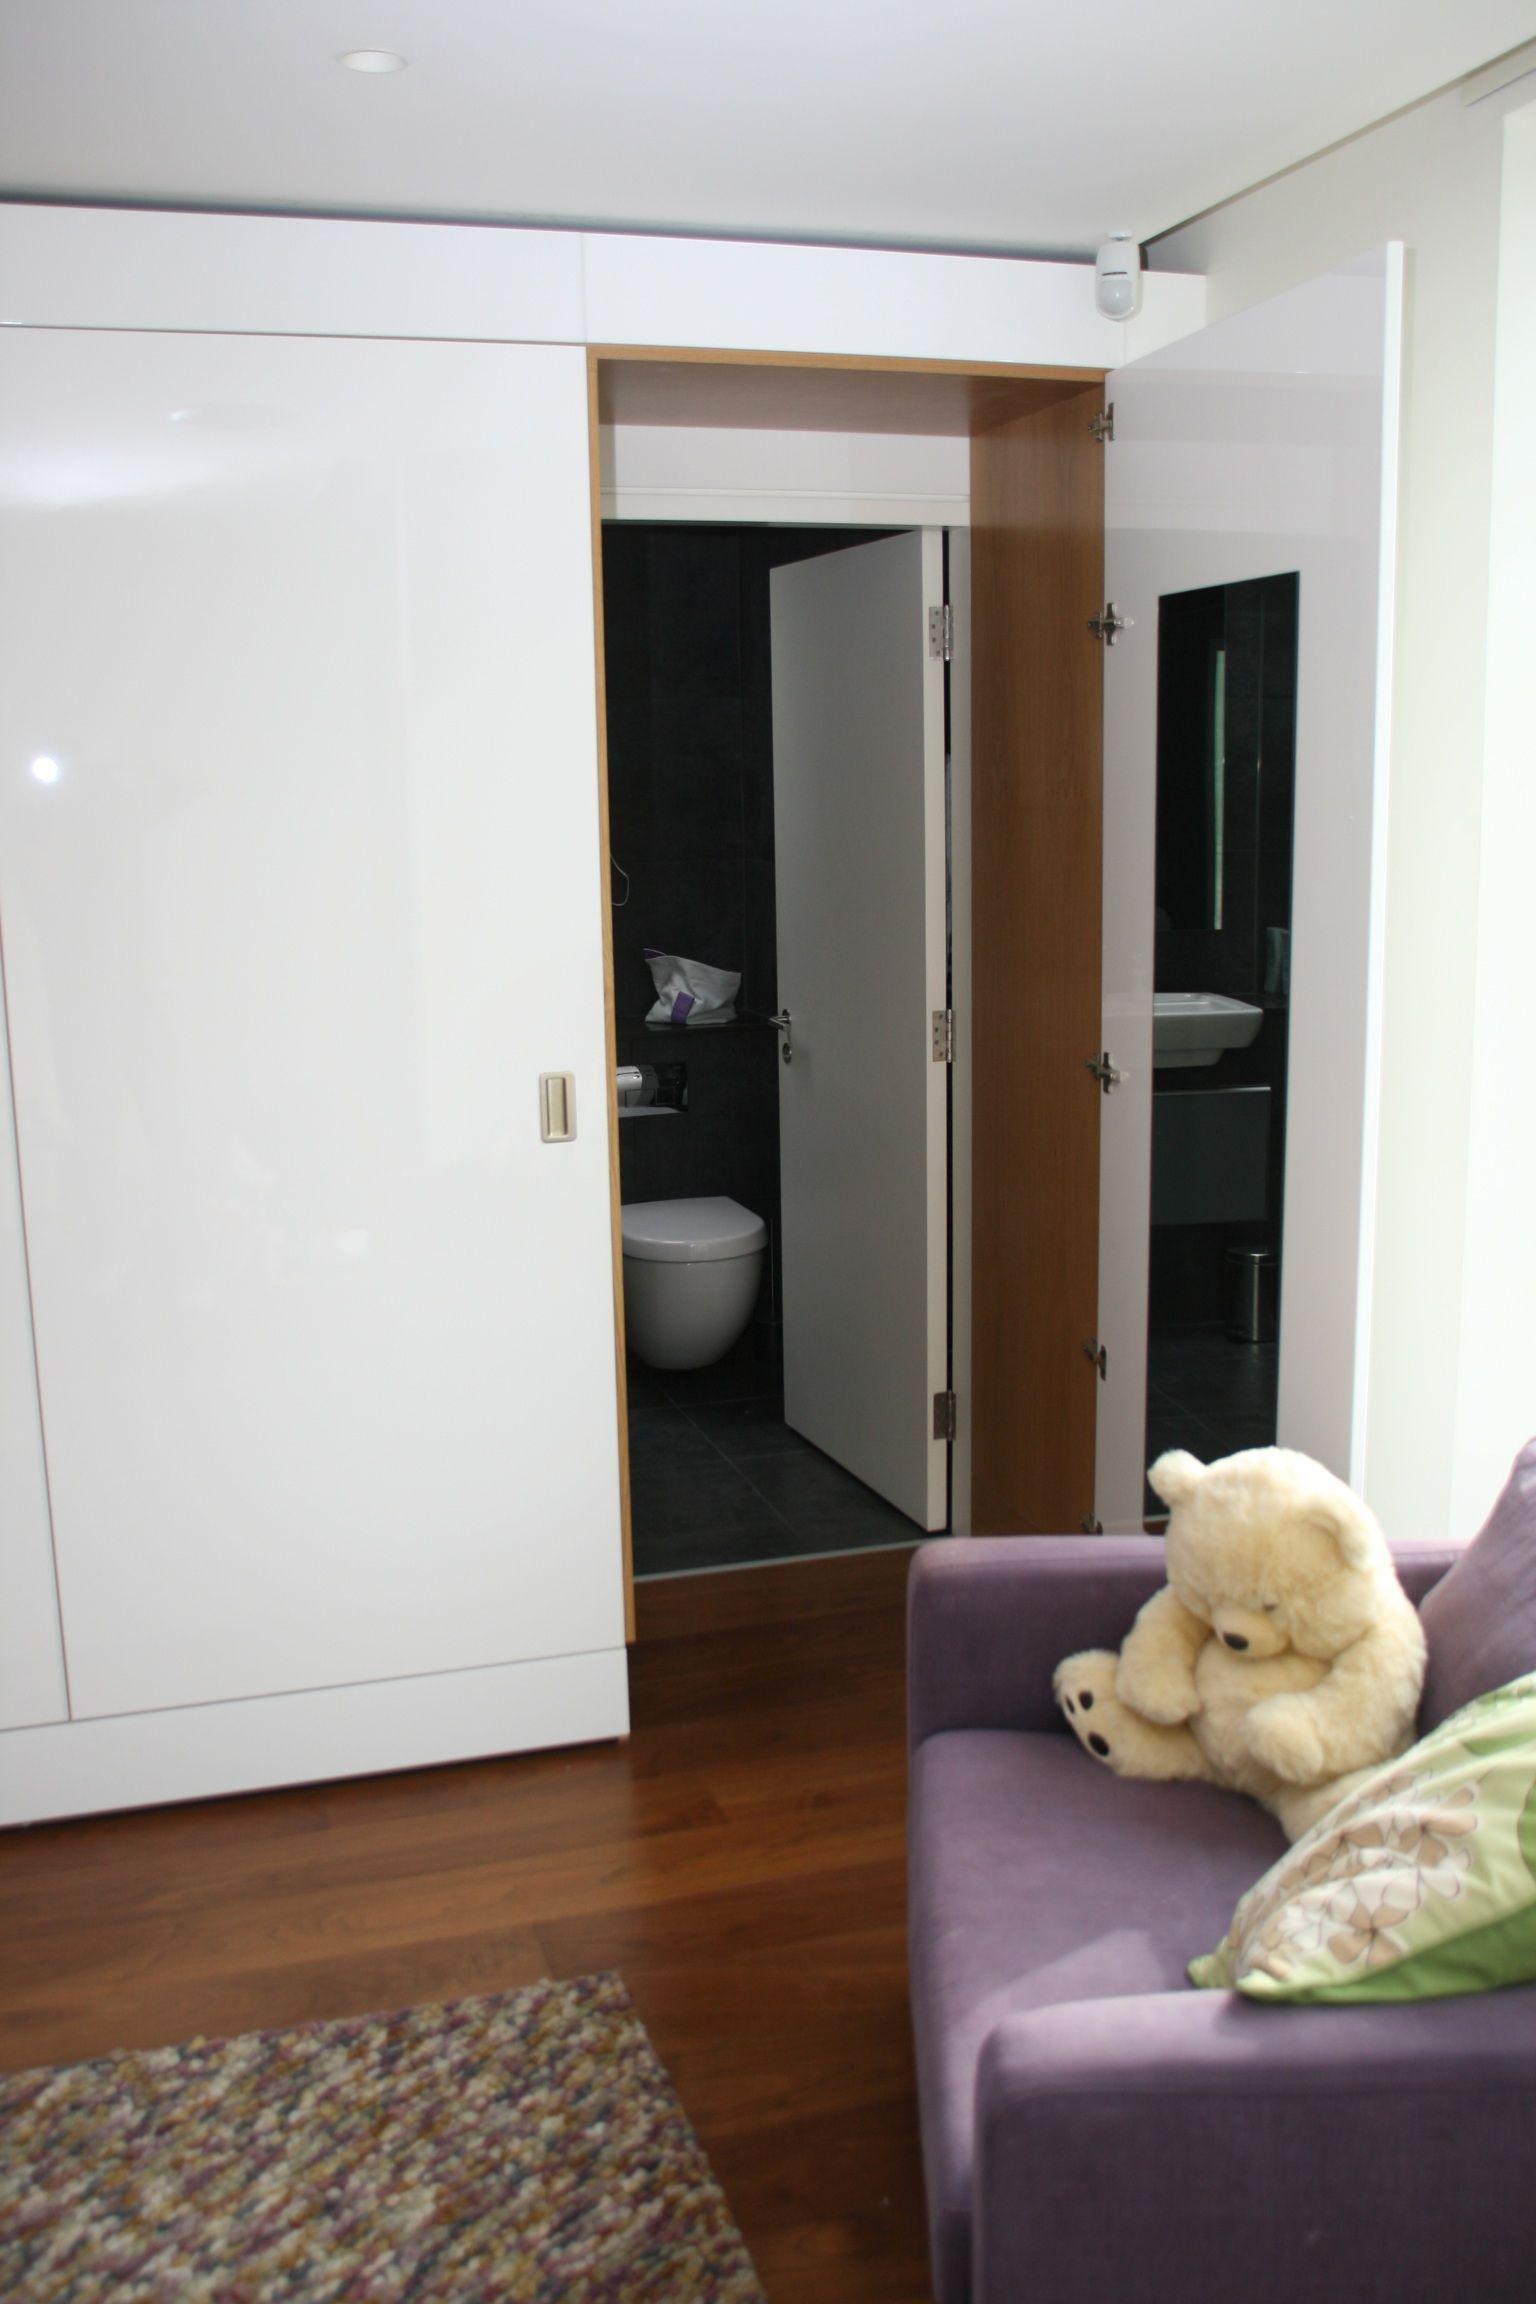 High gloss white bedroom furniture with oak veneered